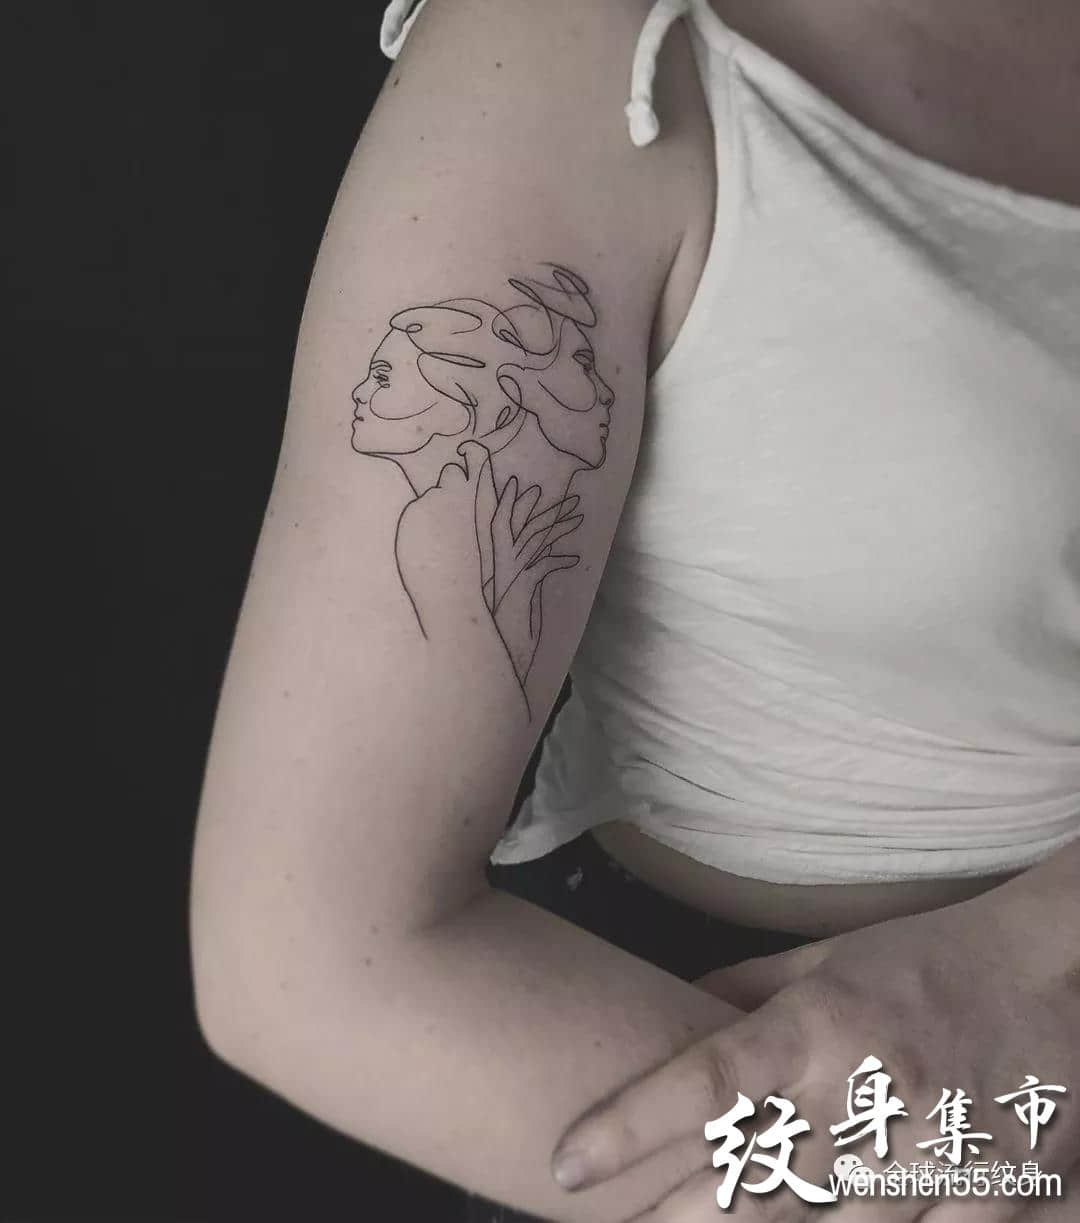 简约线条纹身,简约线条纹身手稿,简约线条纹身手稿图案